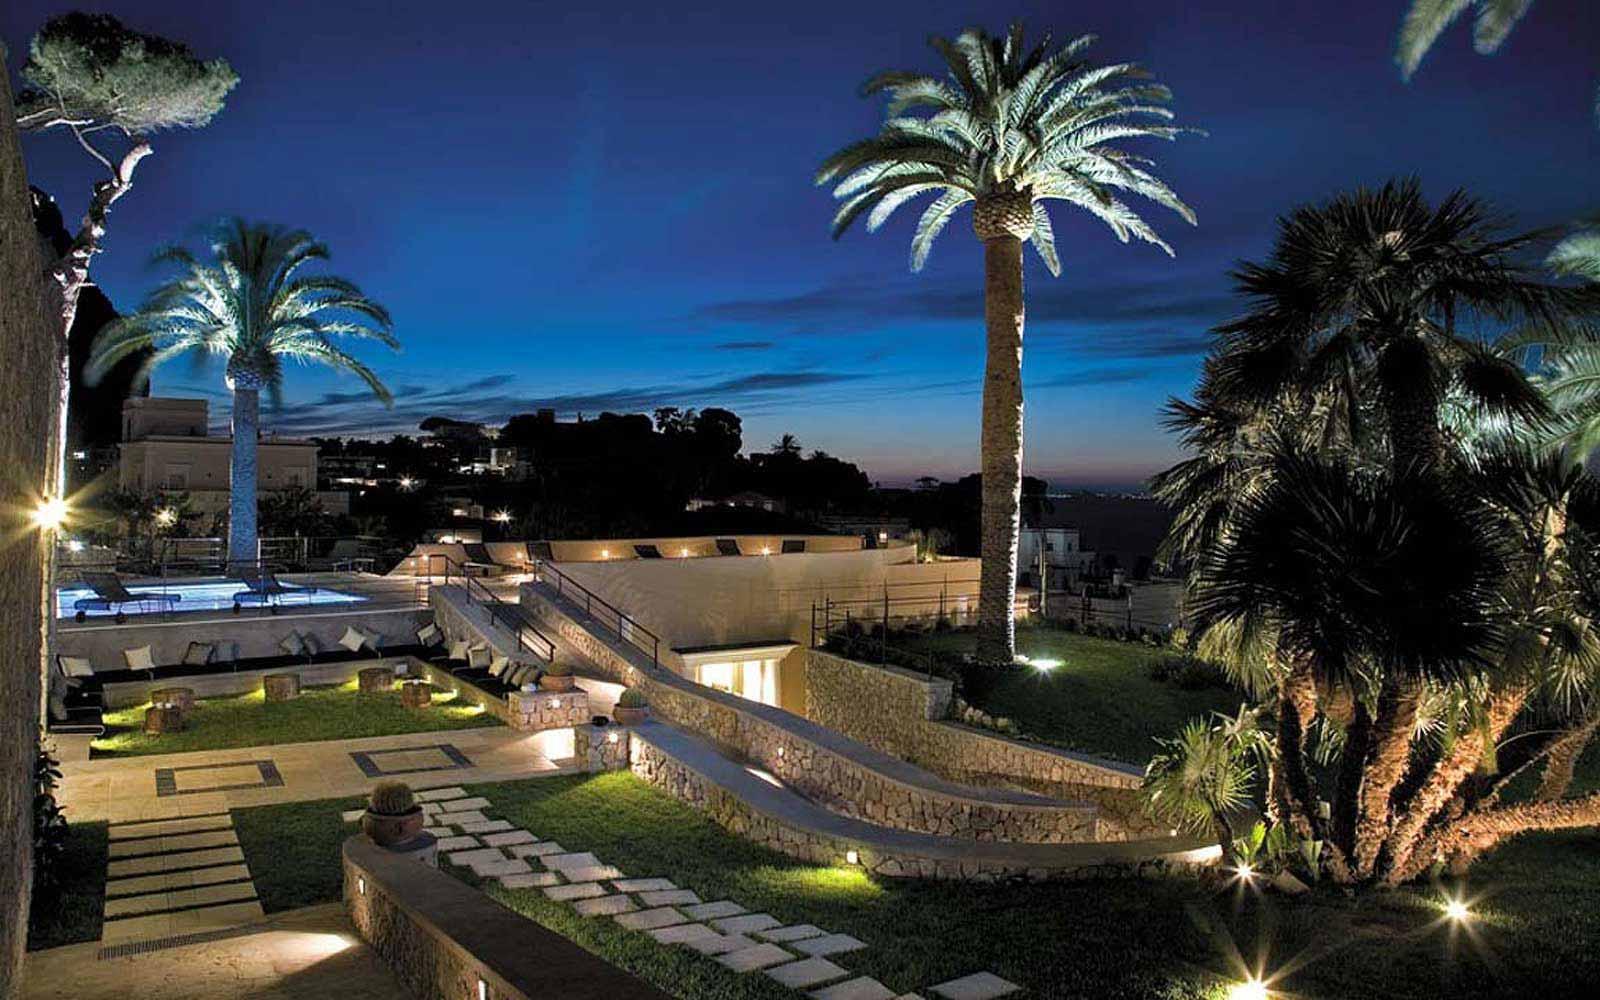 Villa Marini Capri Hotel & Spa at night